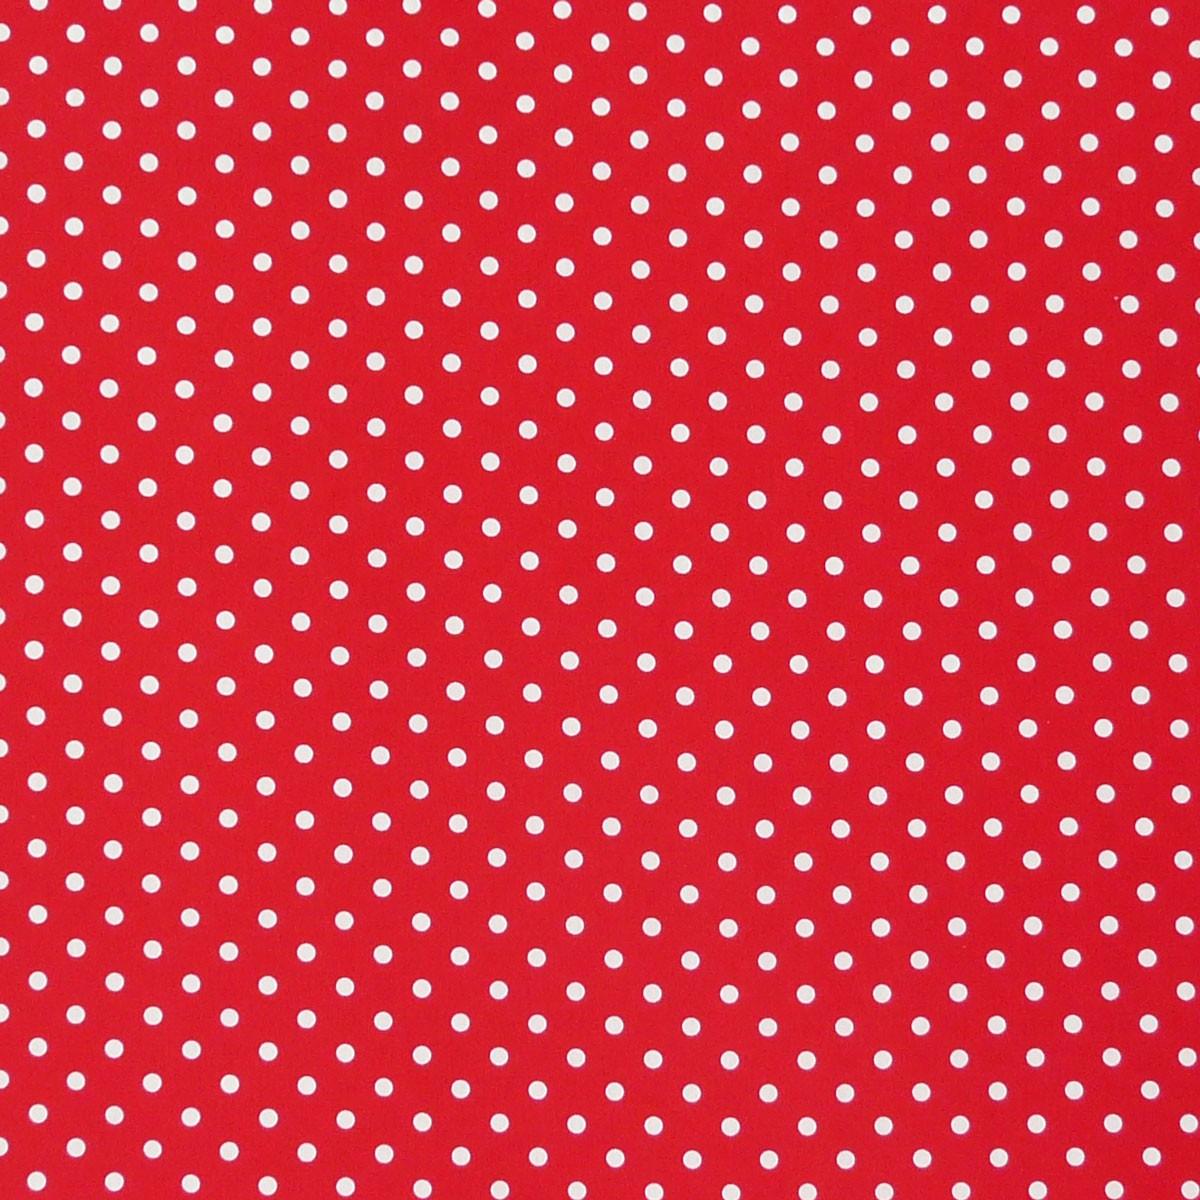 Baumwollstoff Punkte groß Ø 7mm rot weiß